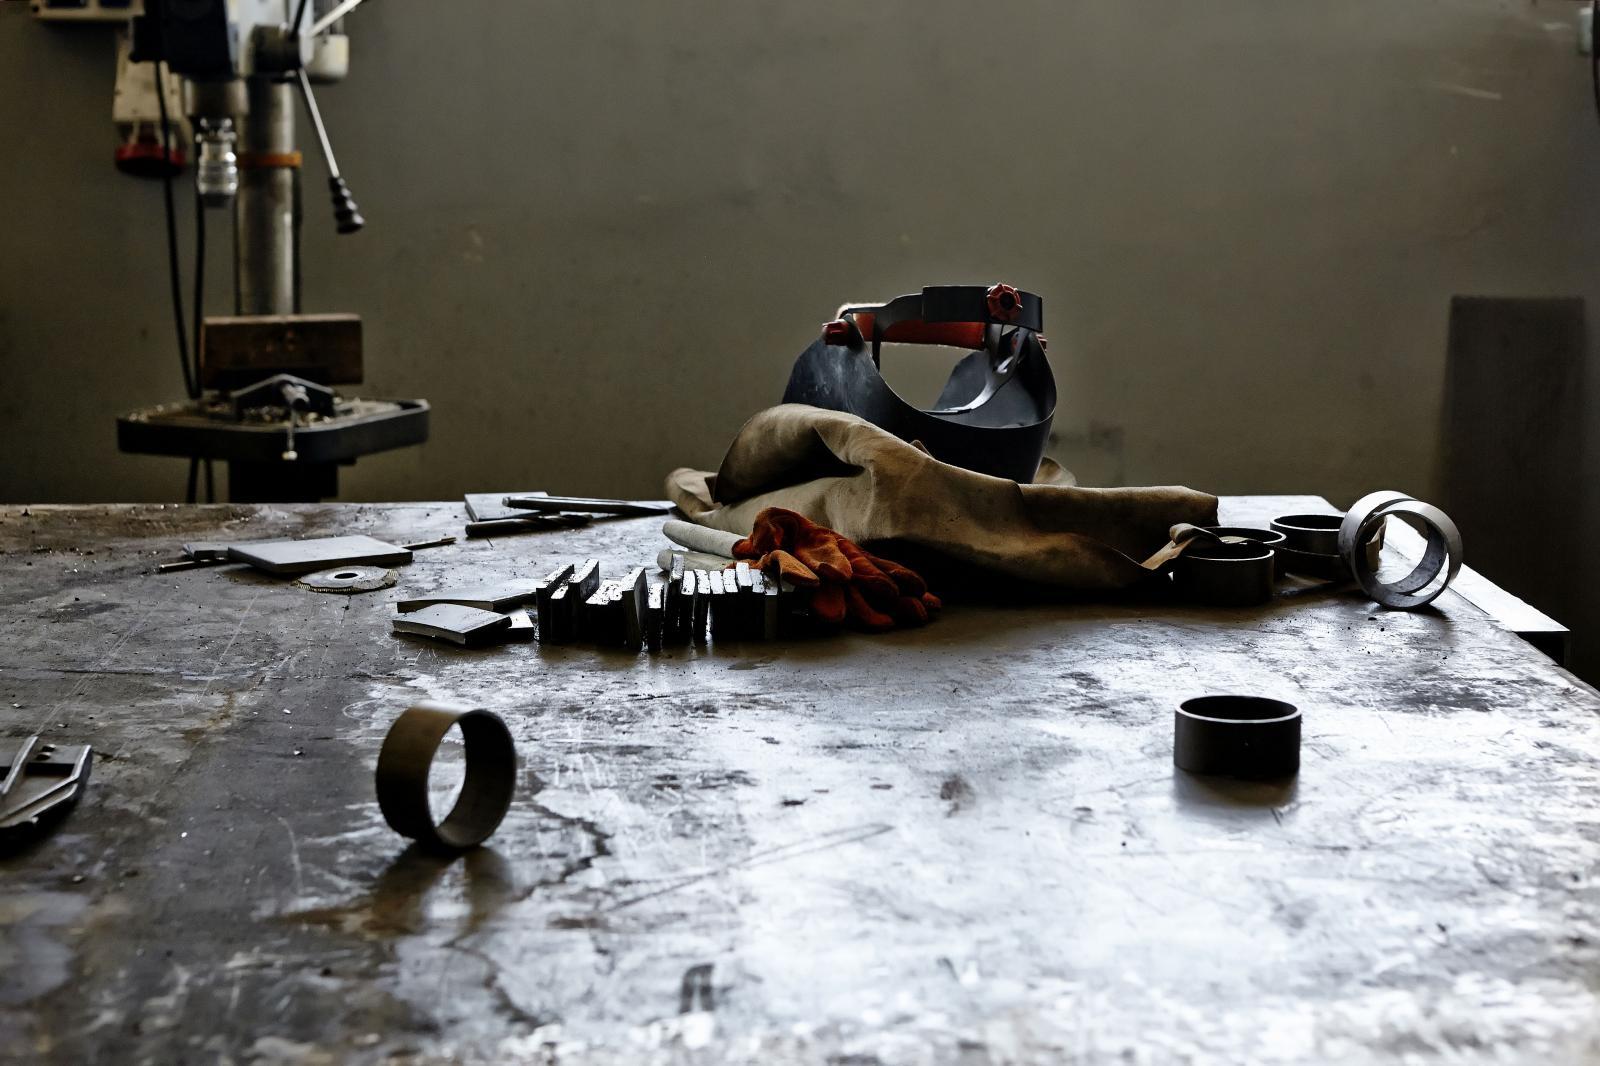 Photography image - Loading ArtofIndustrial_stilllife(c)PetraLajdova.jpg